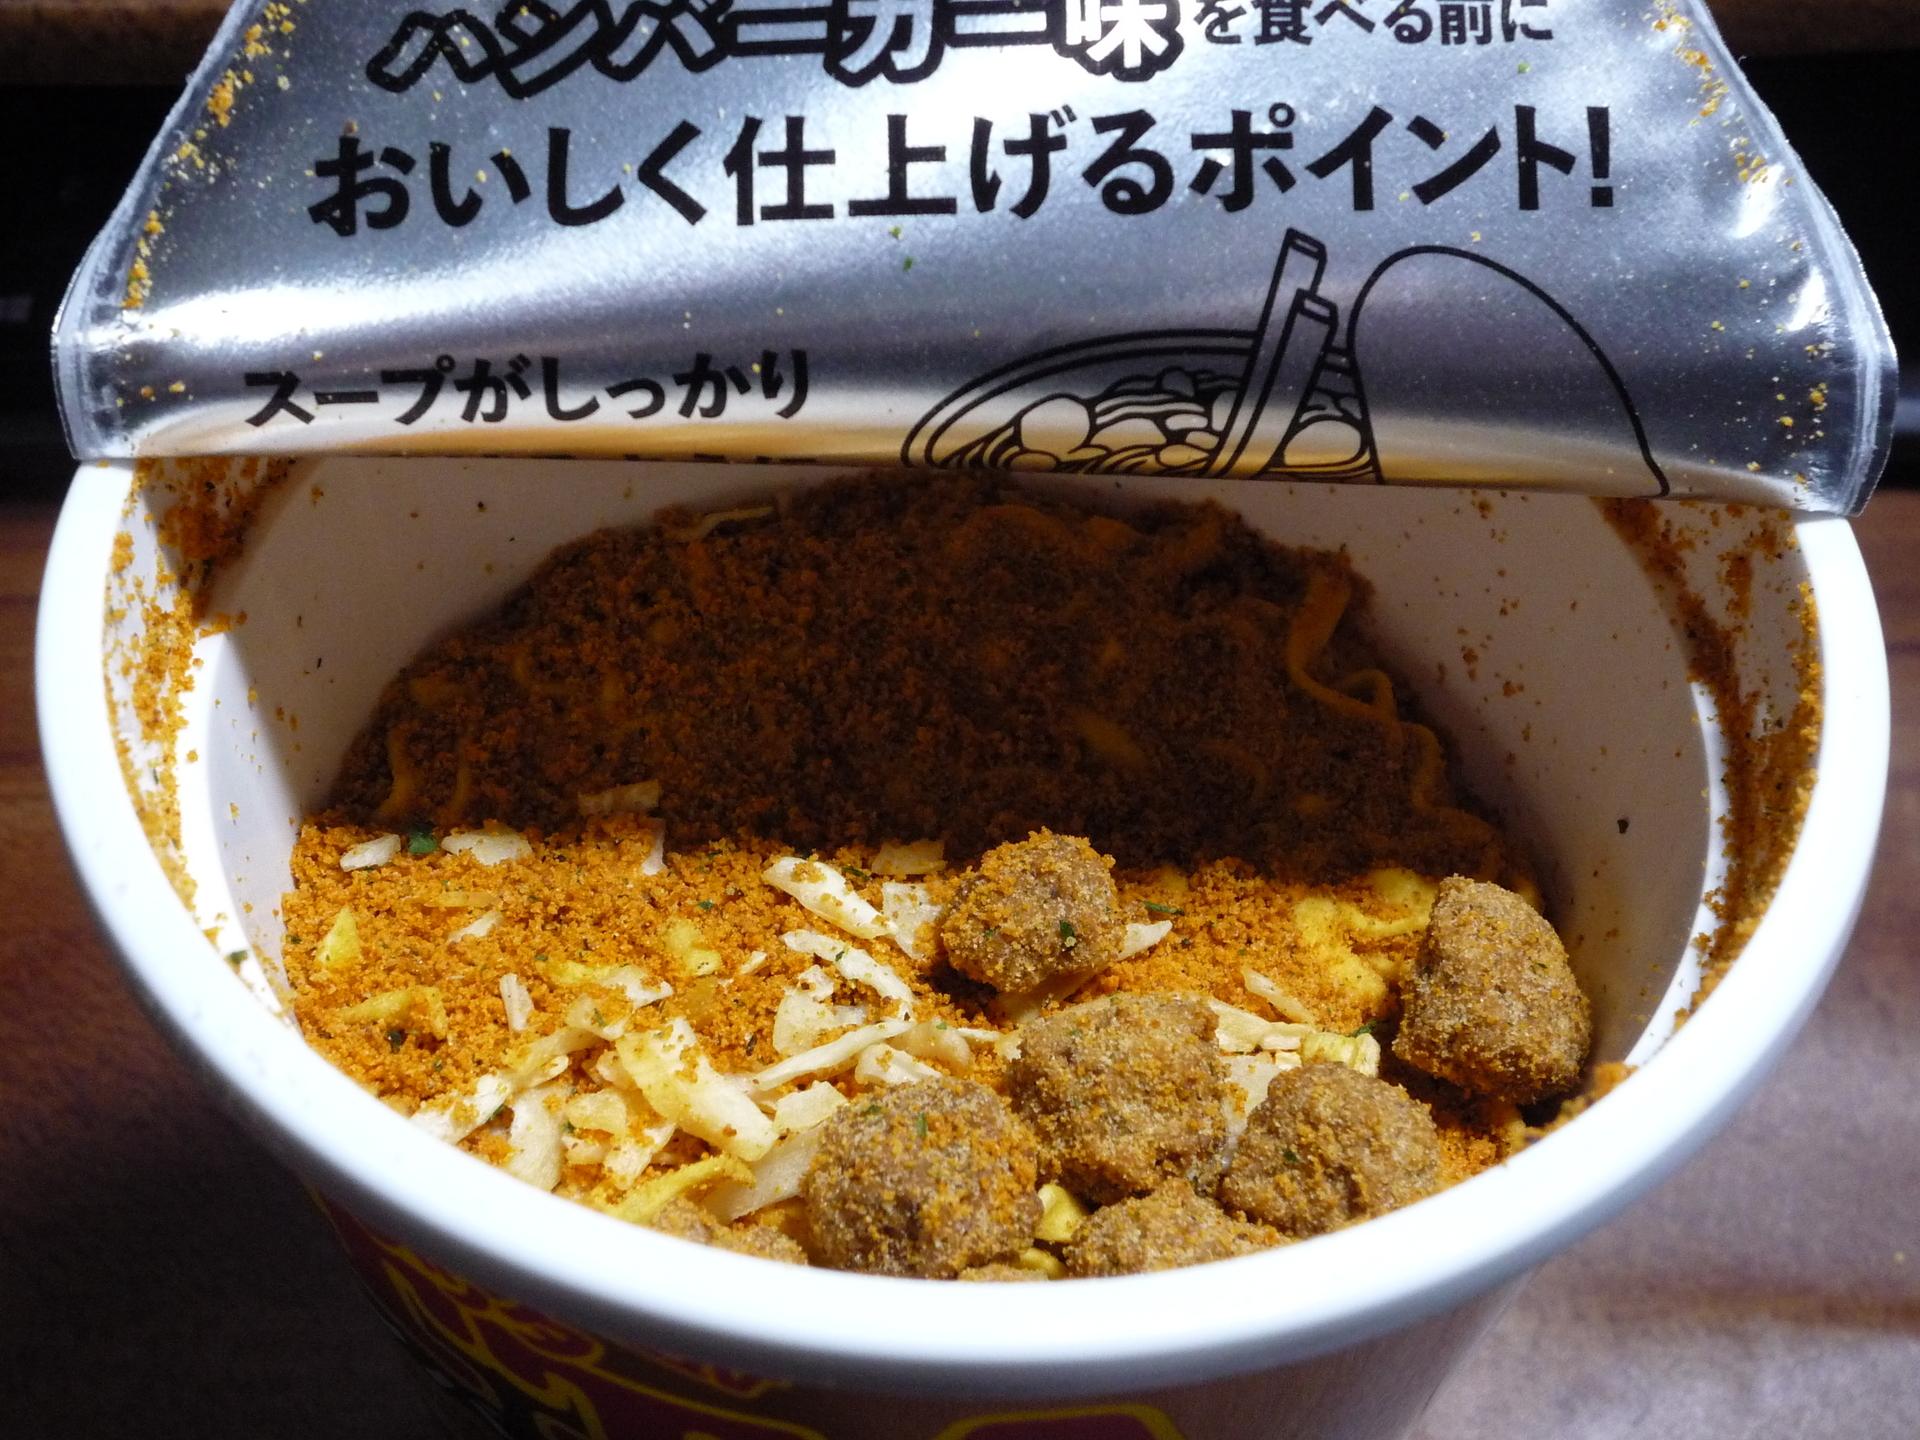 東洋水産 QTTA ハンバーガー味